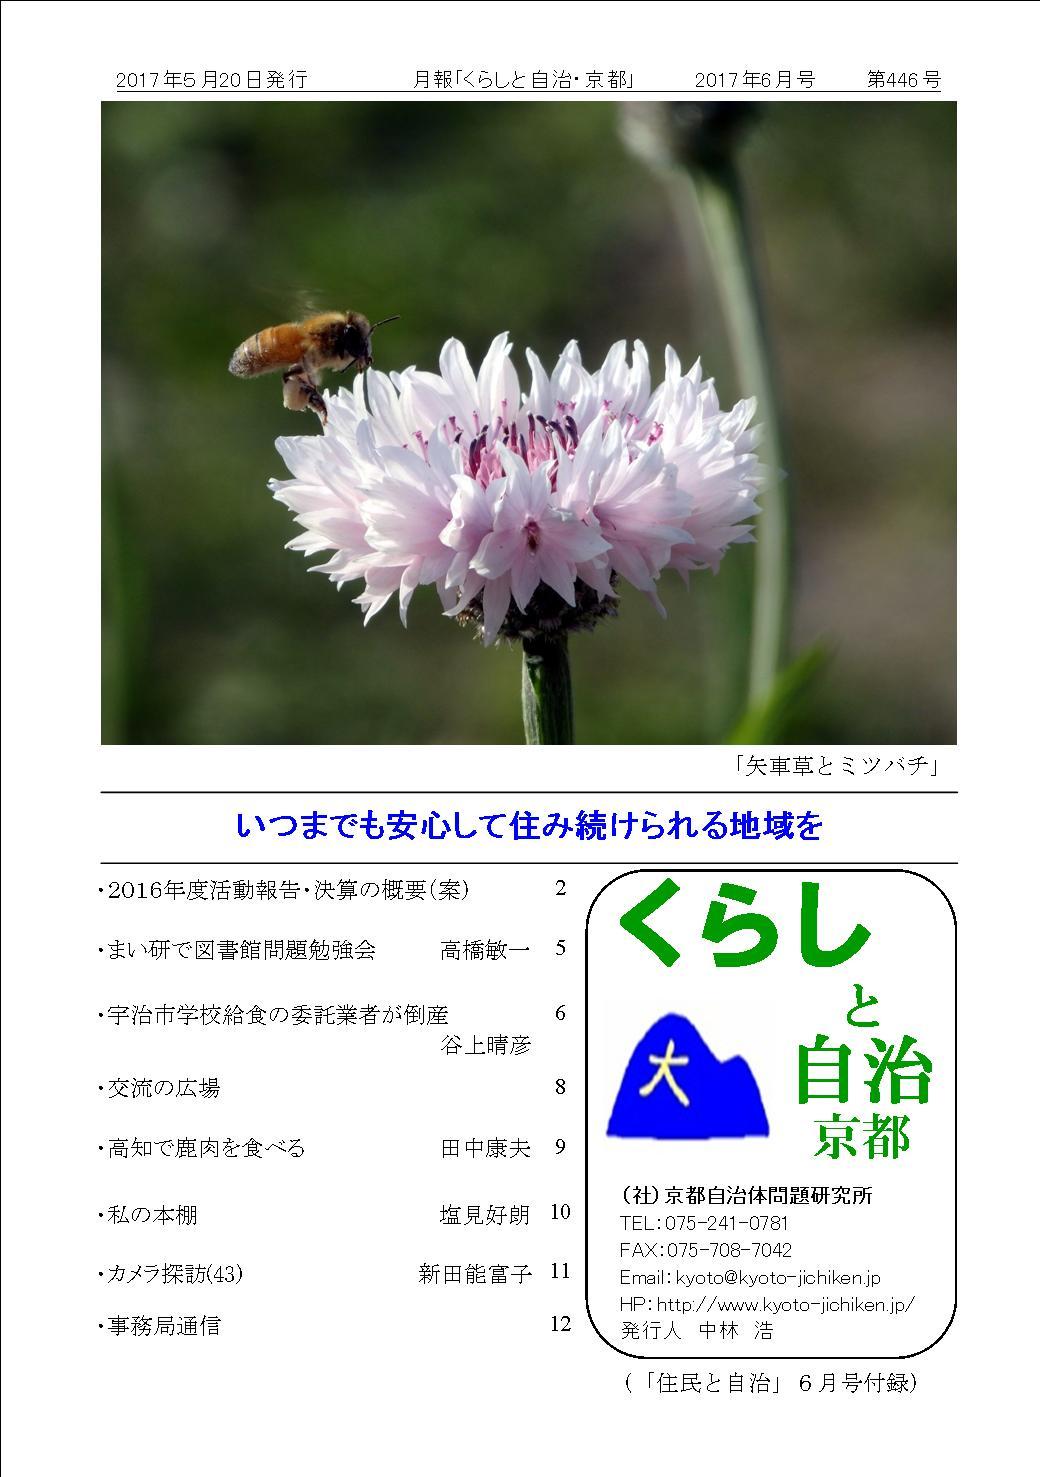 月報「くらしと自治・京都」2015年06月号 第446号